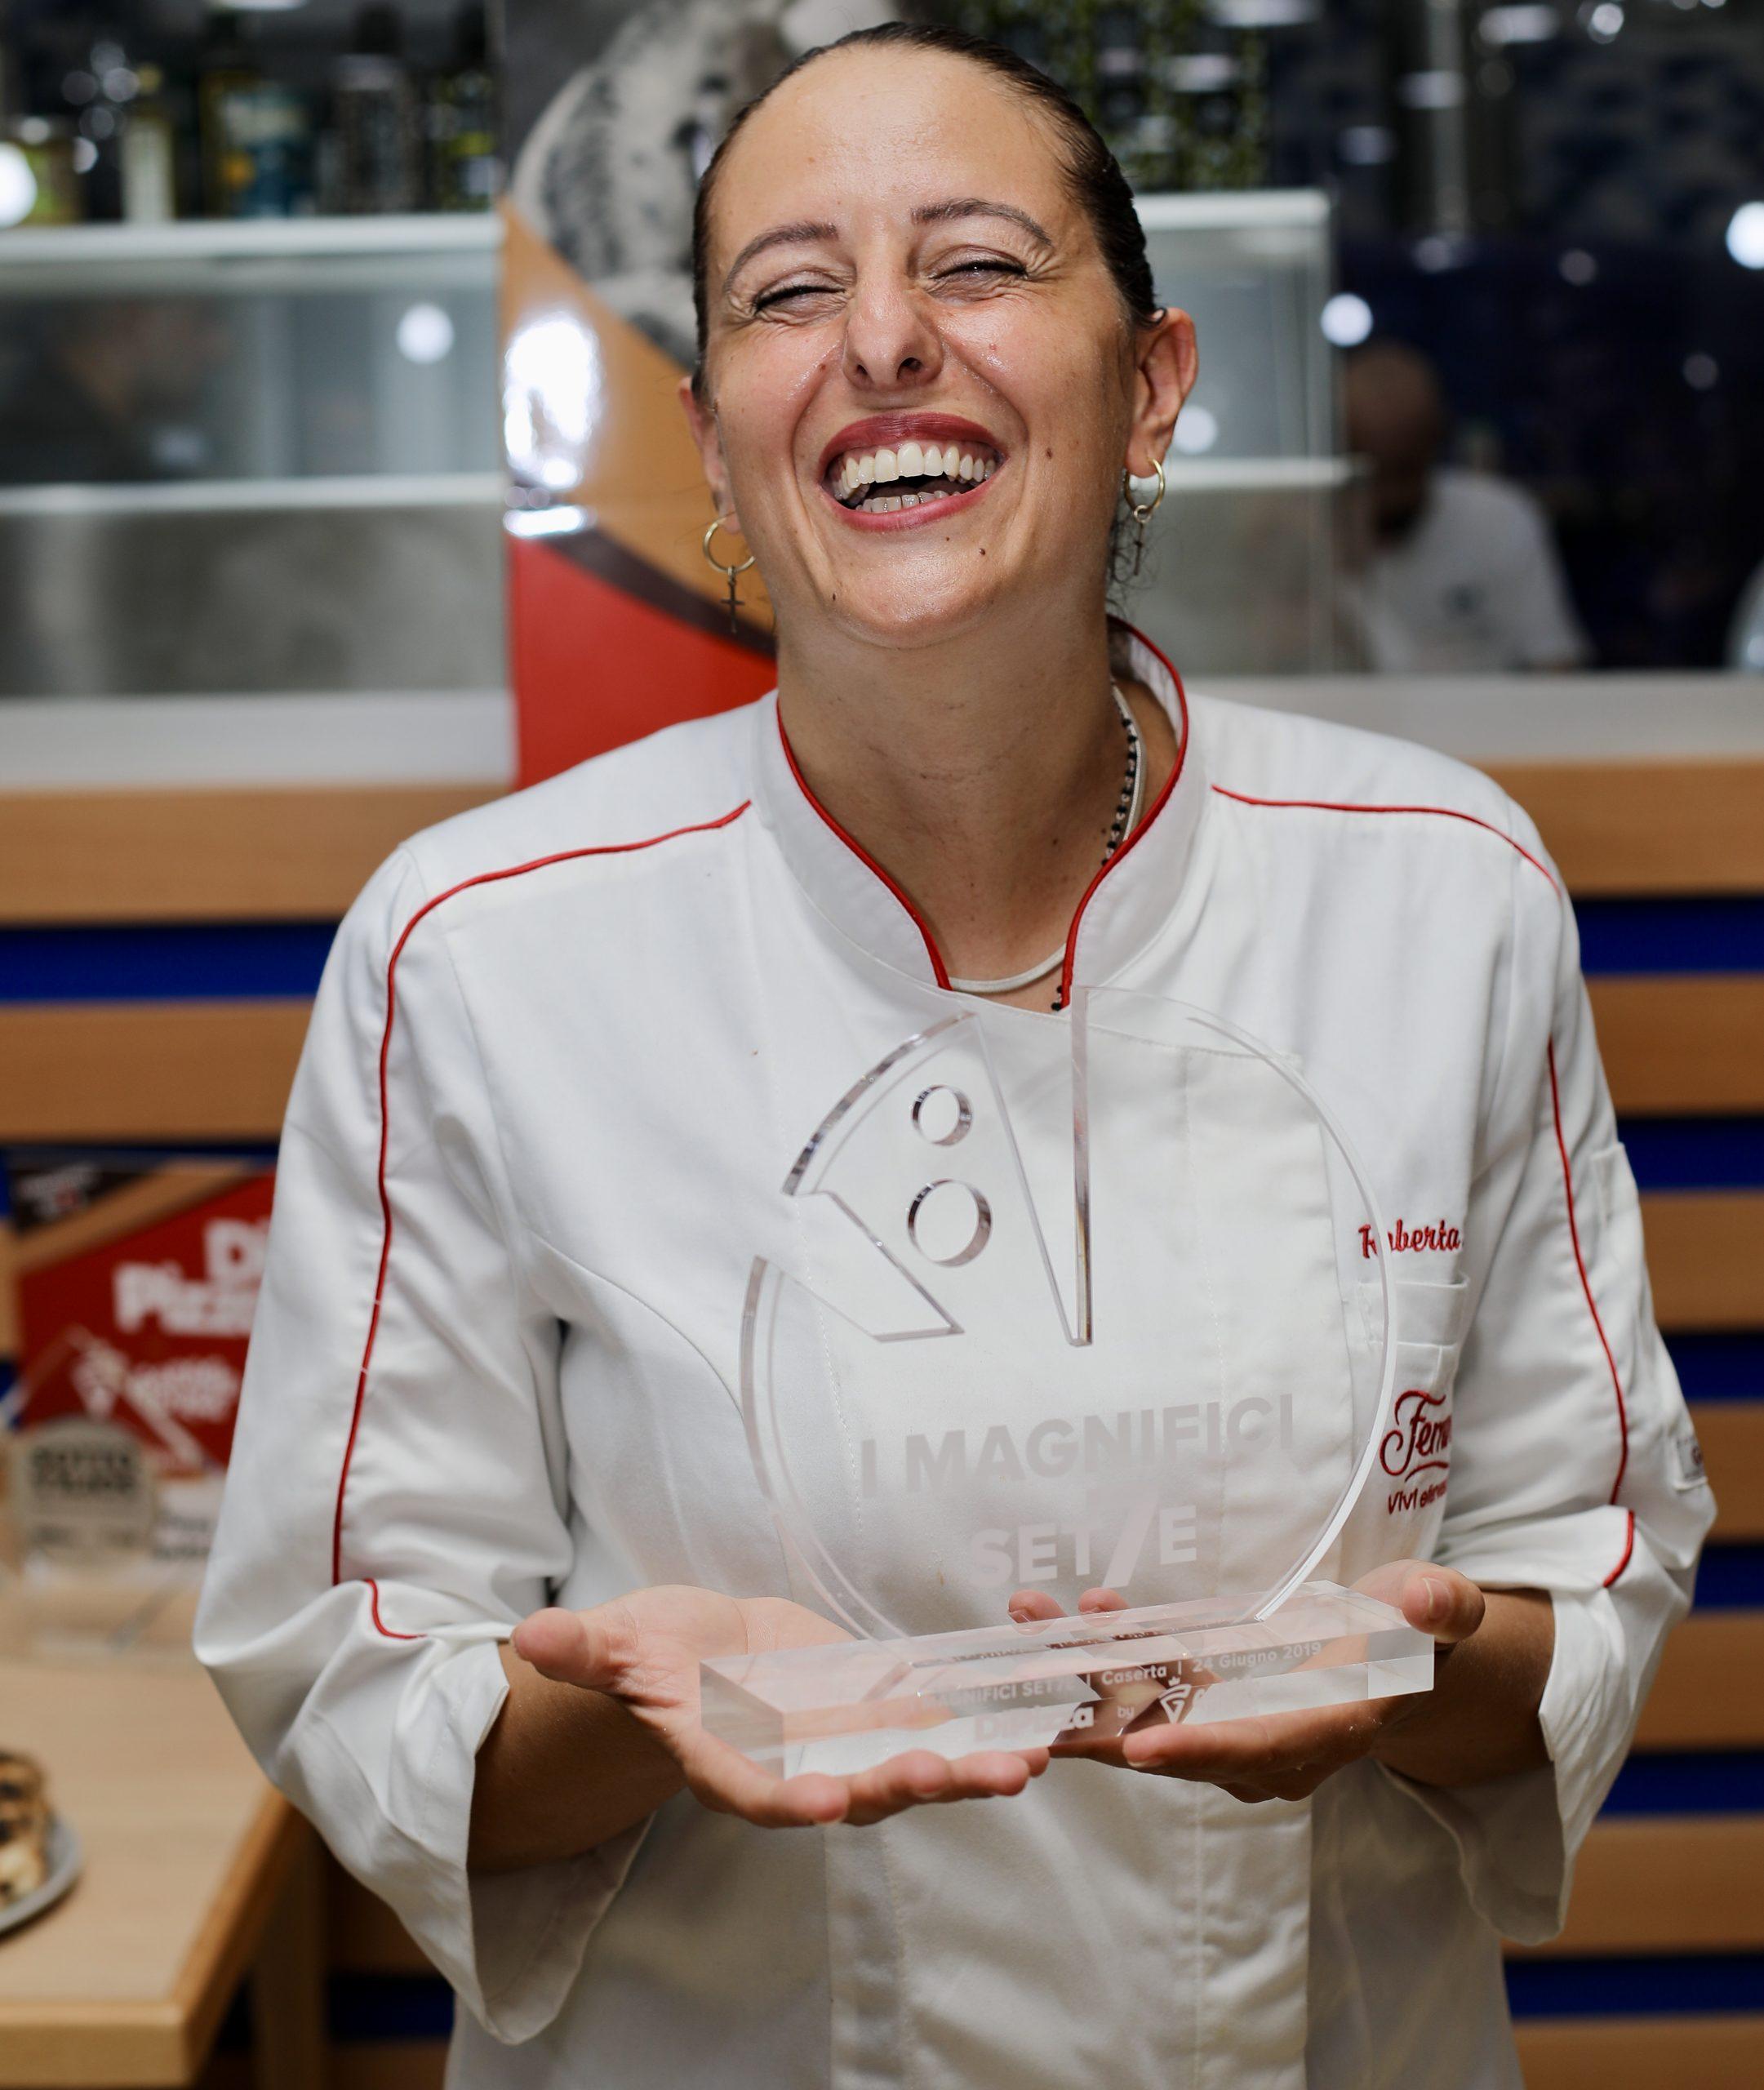 Roberta Esposito